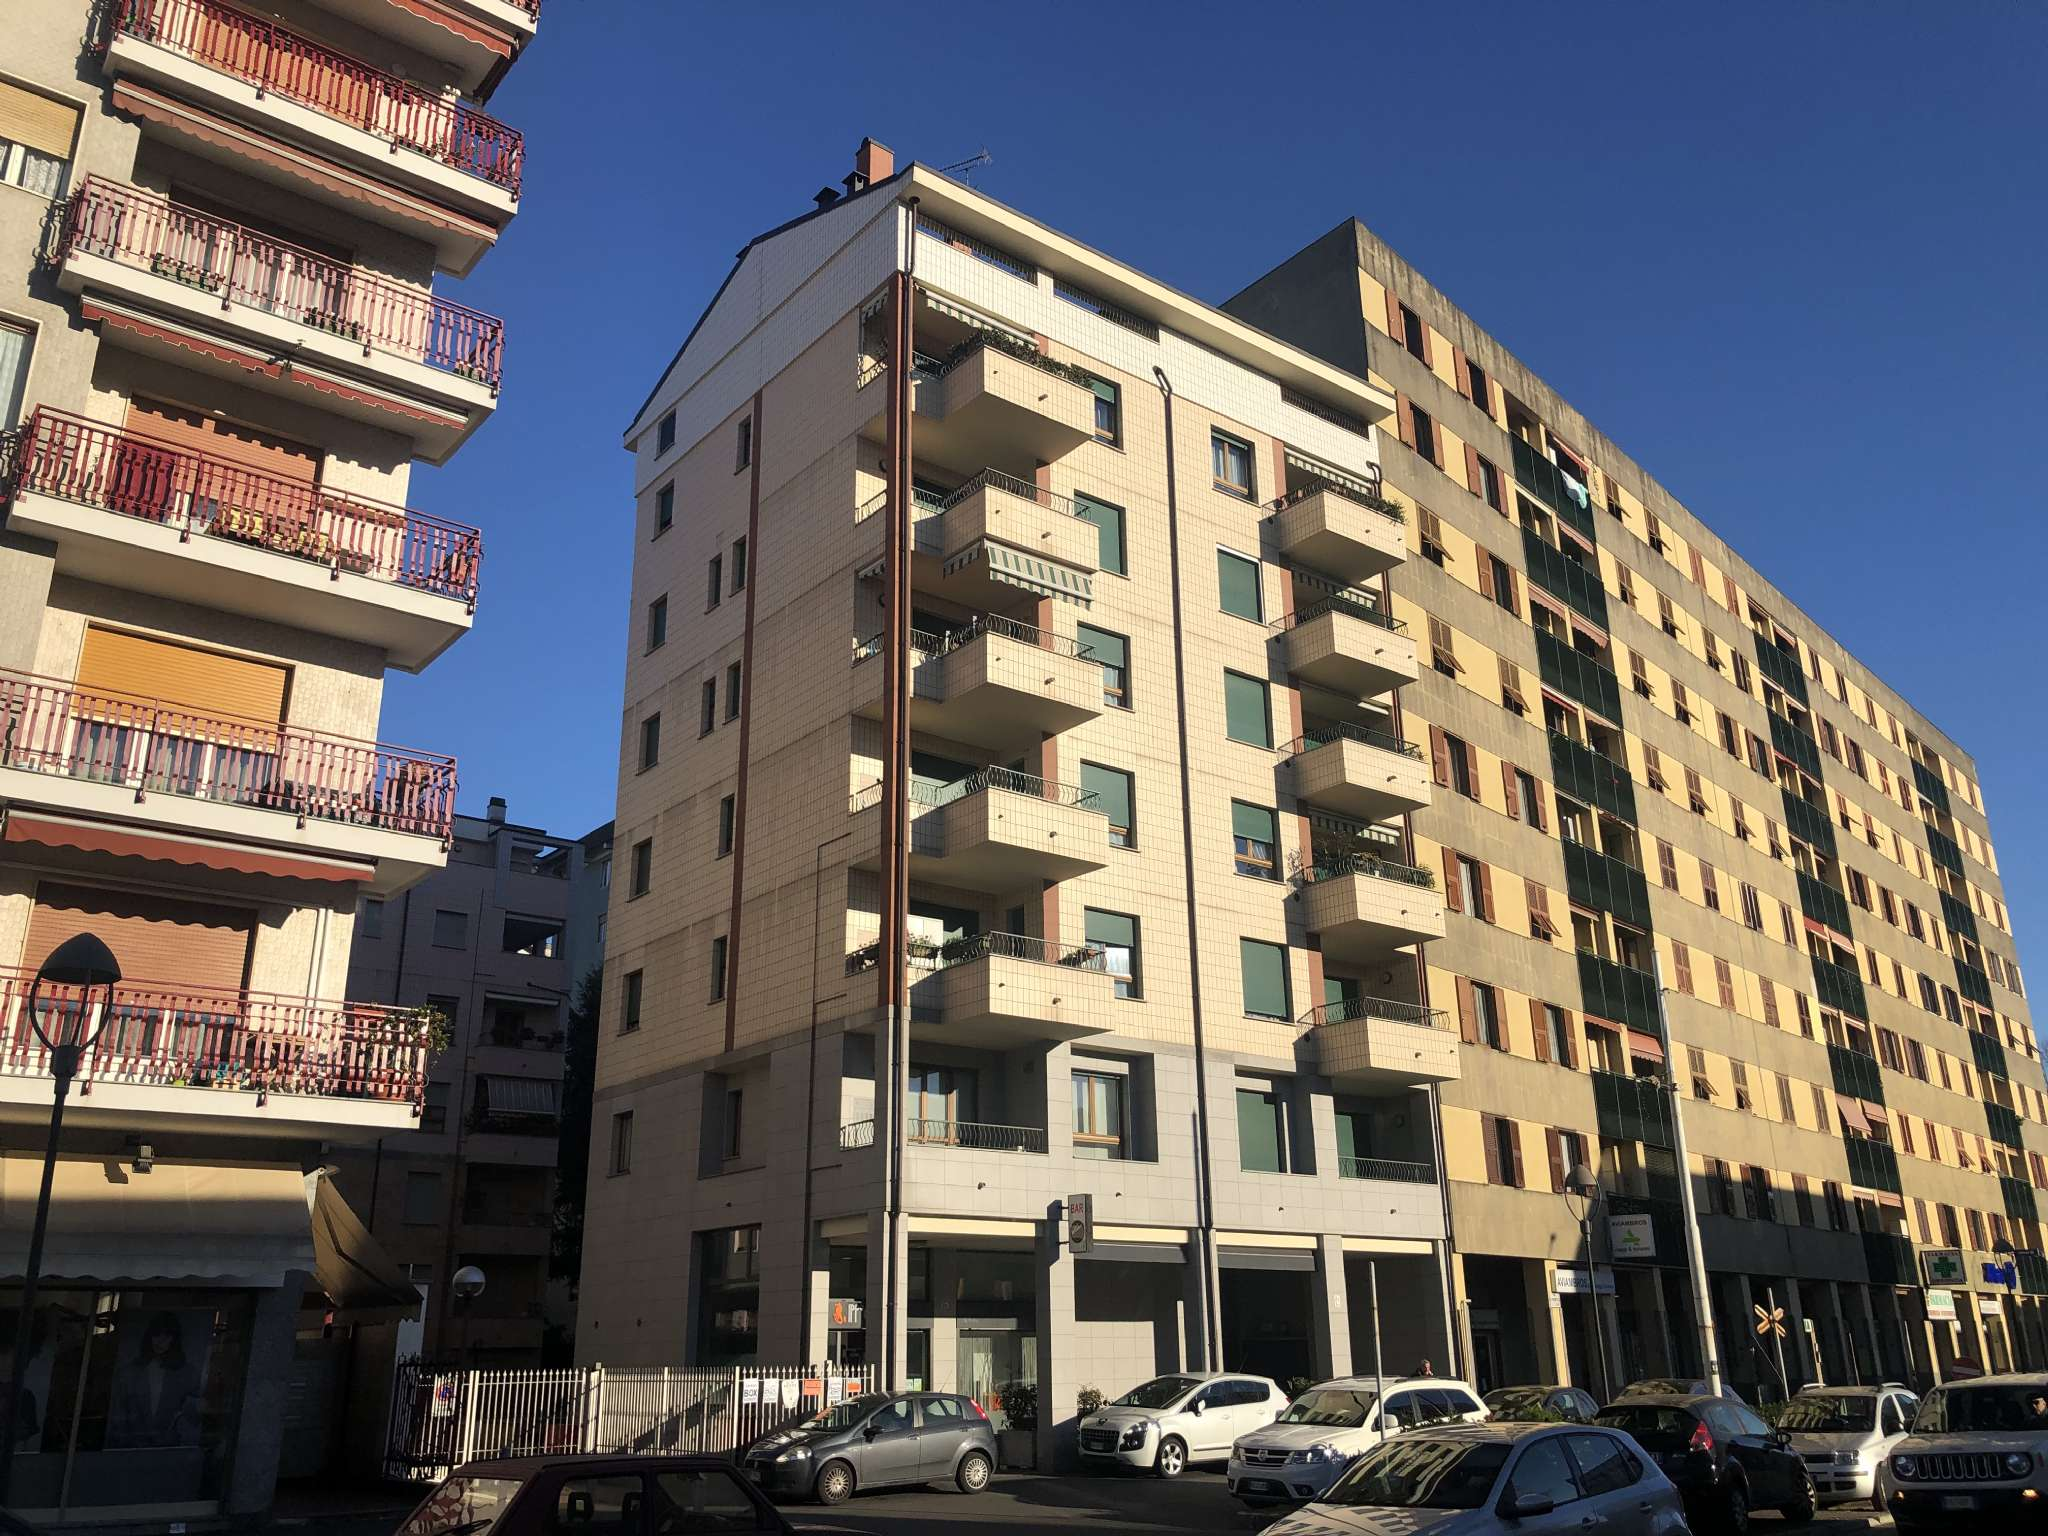 Attico / Mansarda in vendita a Bresso, 4 locali, prezzo € 420.000 | PortaleAgenzieImmobiliari.it